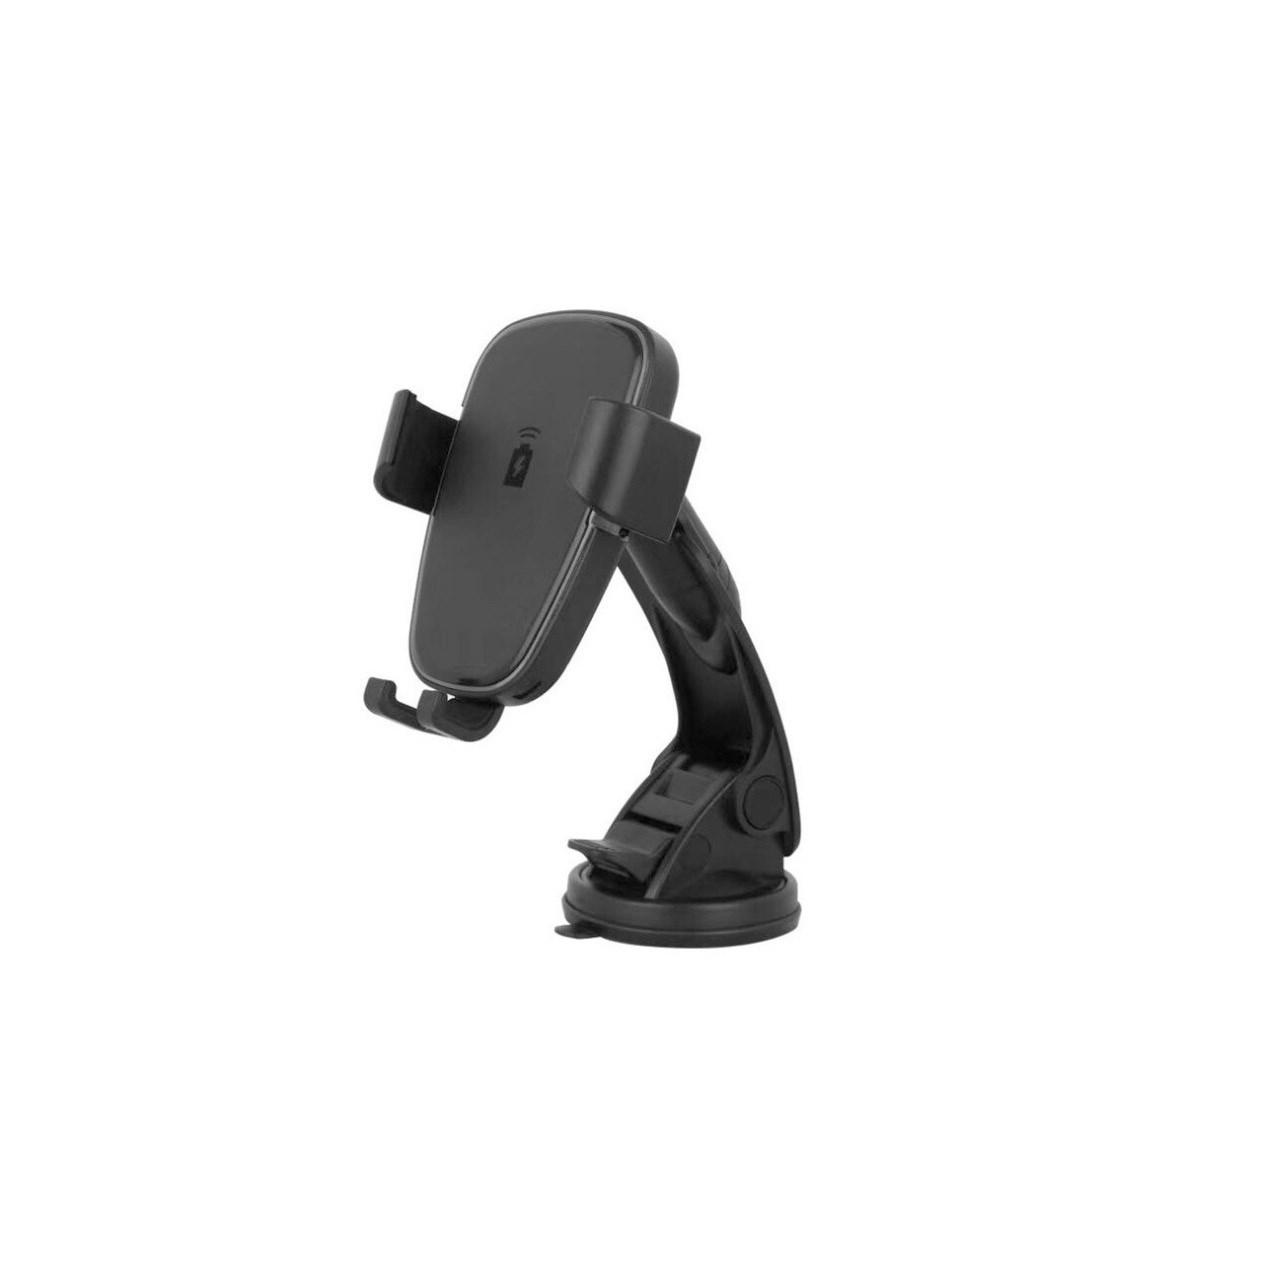 پایه نگهدارنده و شارژر بی سیم گوشی موبایل مدل JPD-Q71T